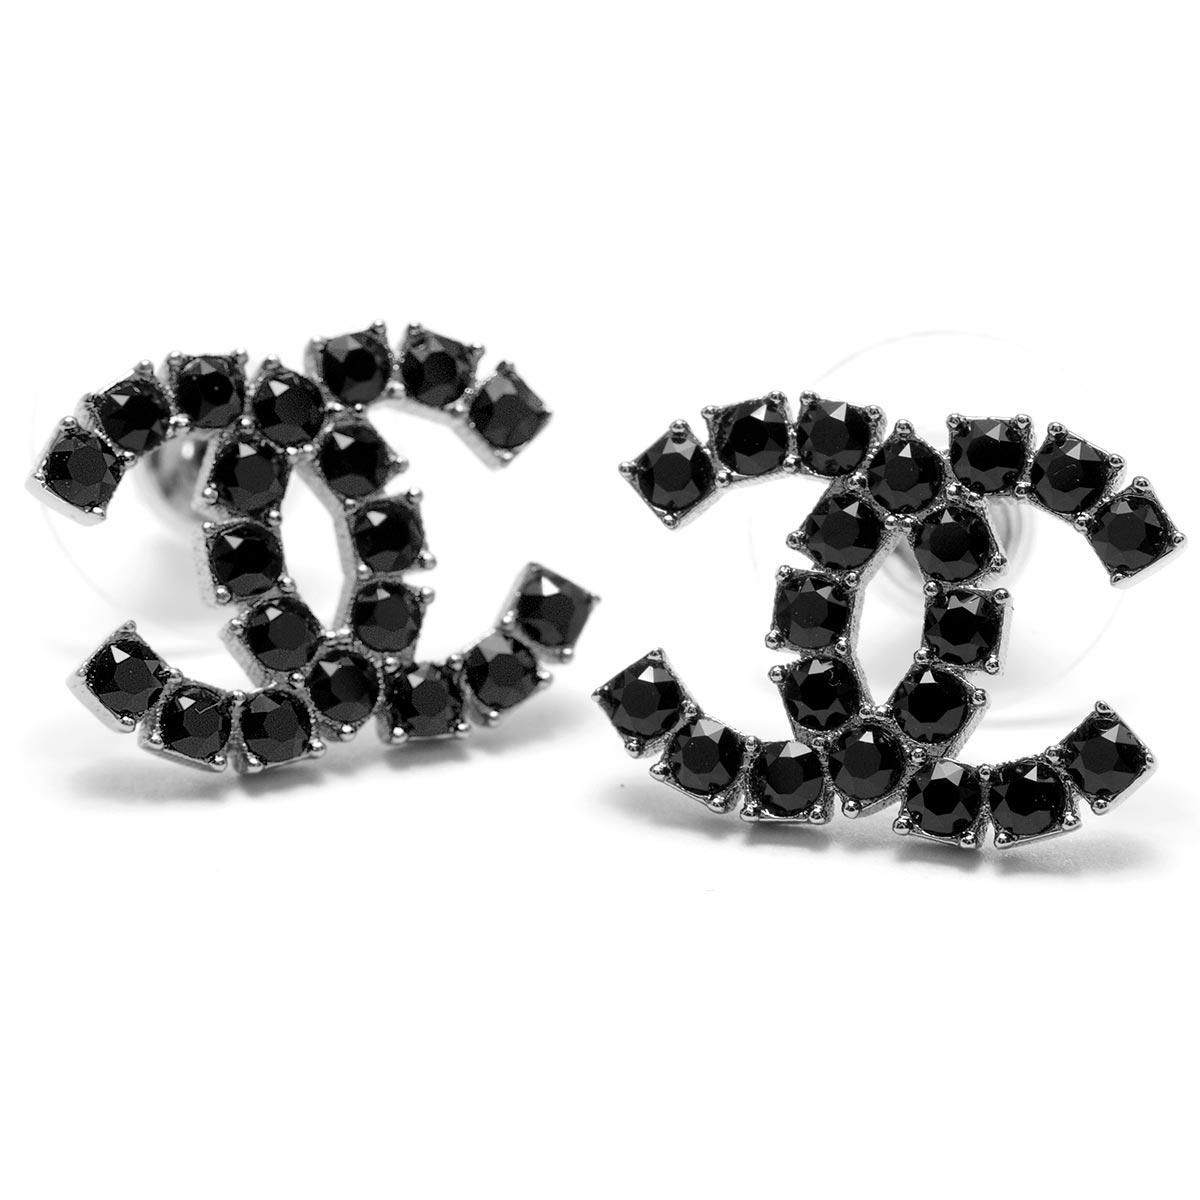 シャネル ピアス アクセサリー レディース ココマーク ラインストーン ガンメタル&ブラック A58385 GNBK CHANEL